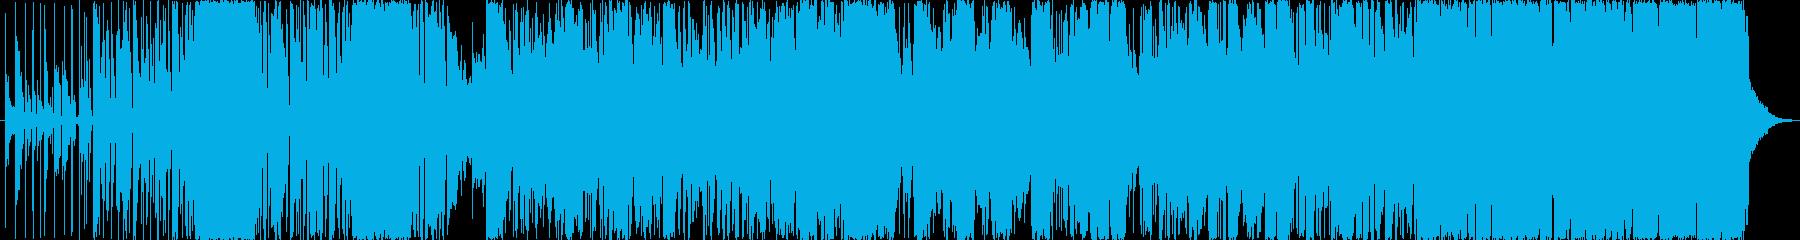 スタイリッシュスパイの再生済みの波形